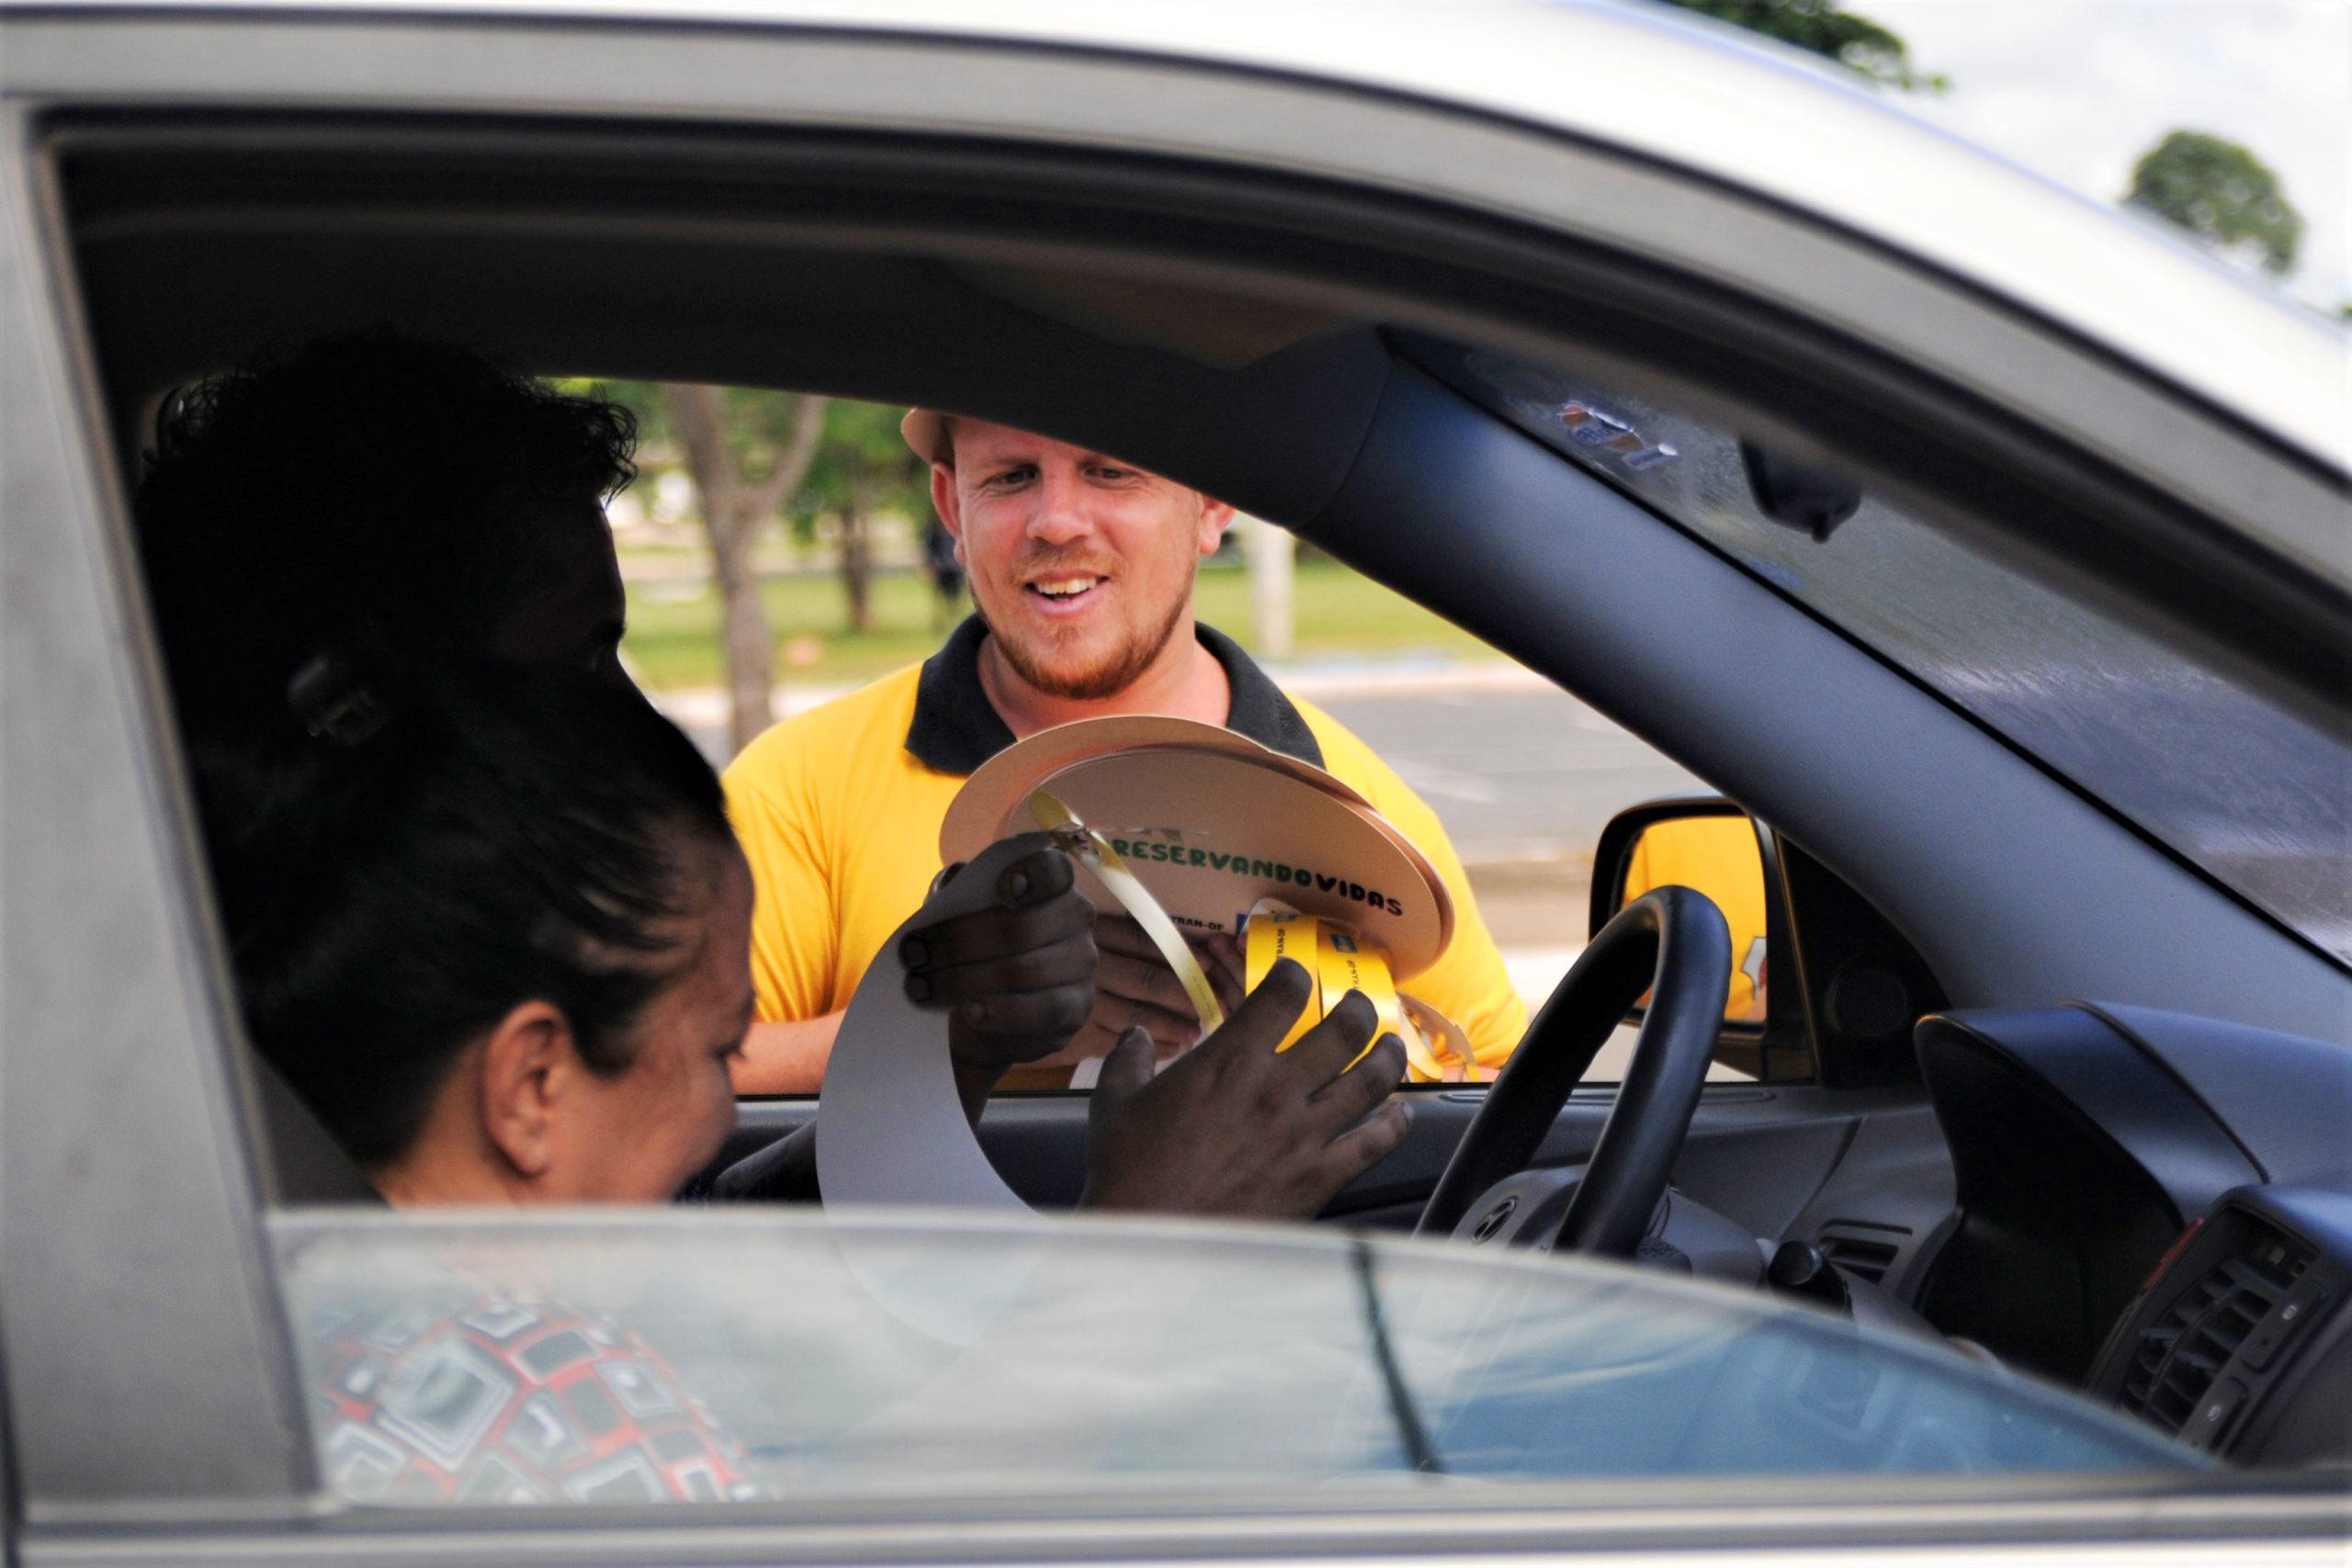 SE BEBER, NÃO DIRIJA | Detran-DF intensifica ações contra celular e álcool ao volante